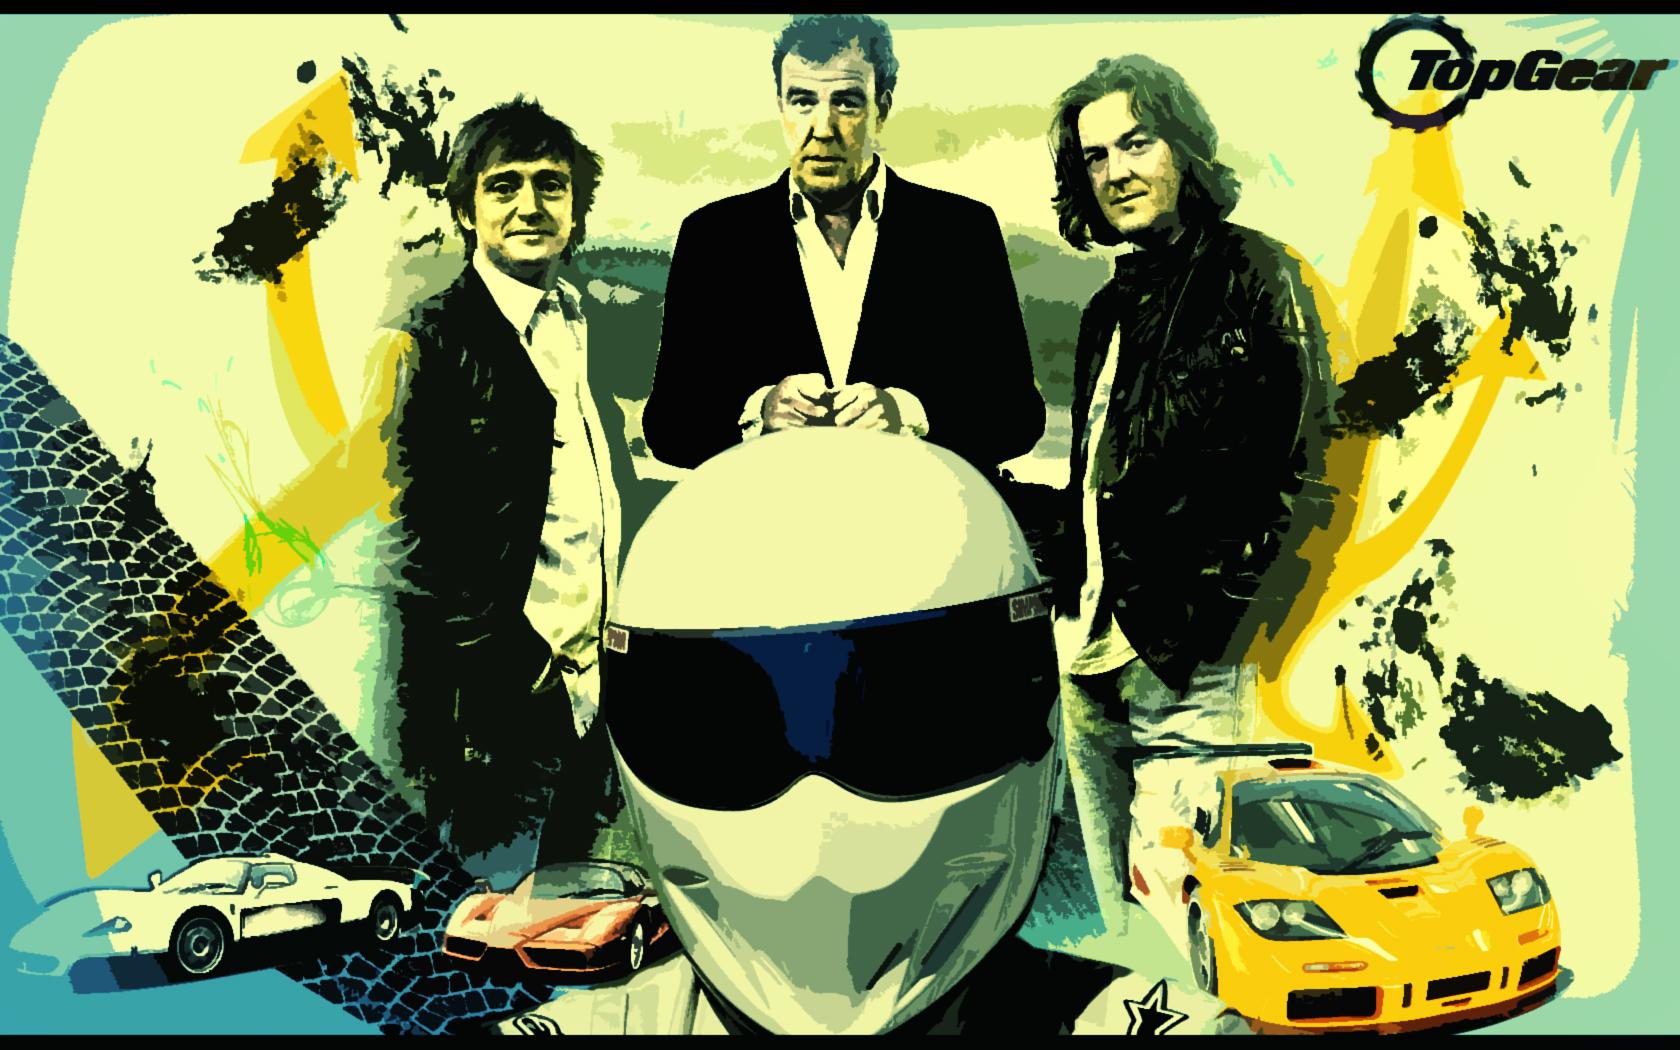 Top Gear Wallpapers Wallpapersafari